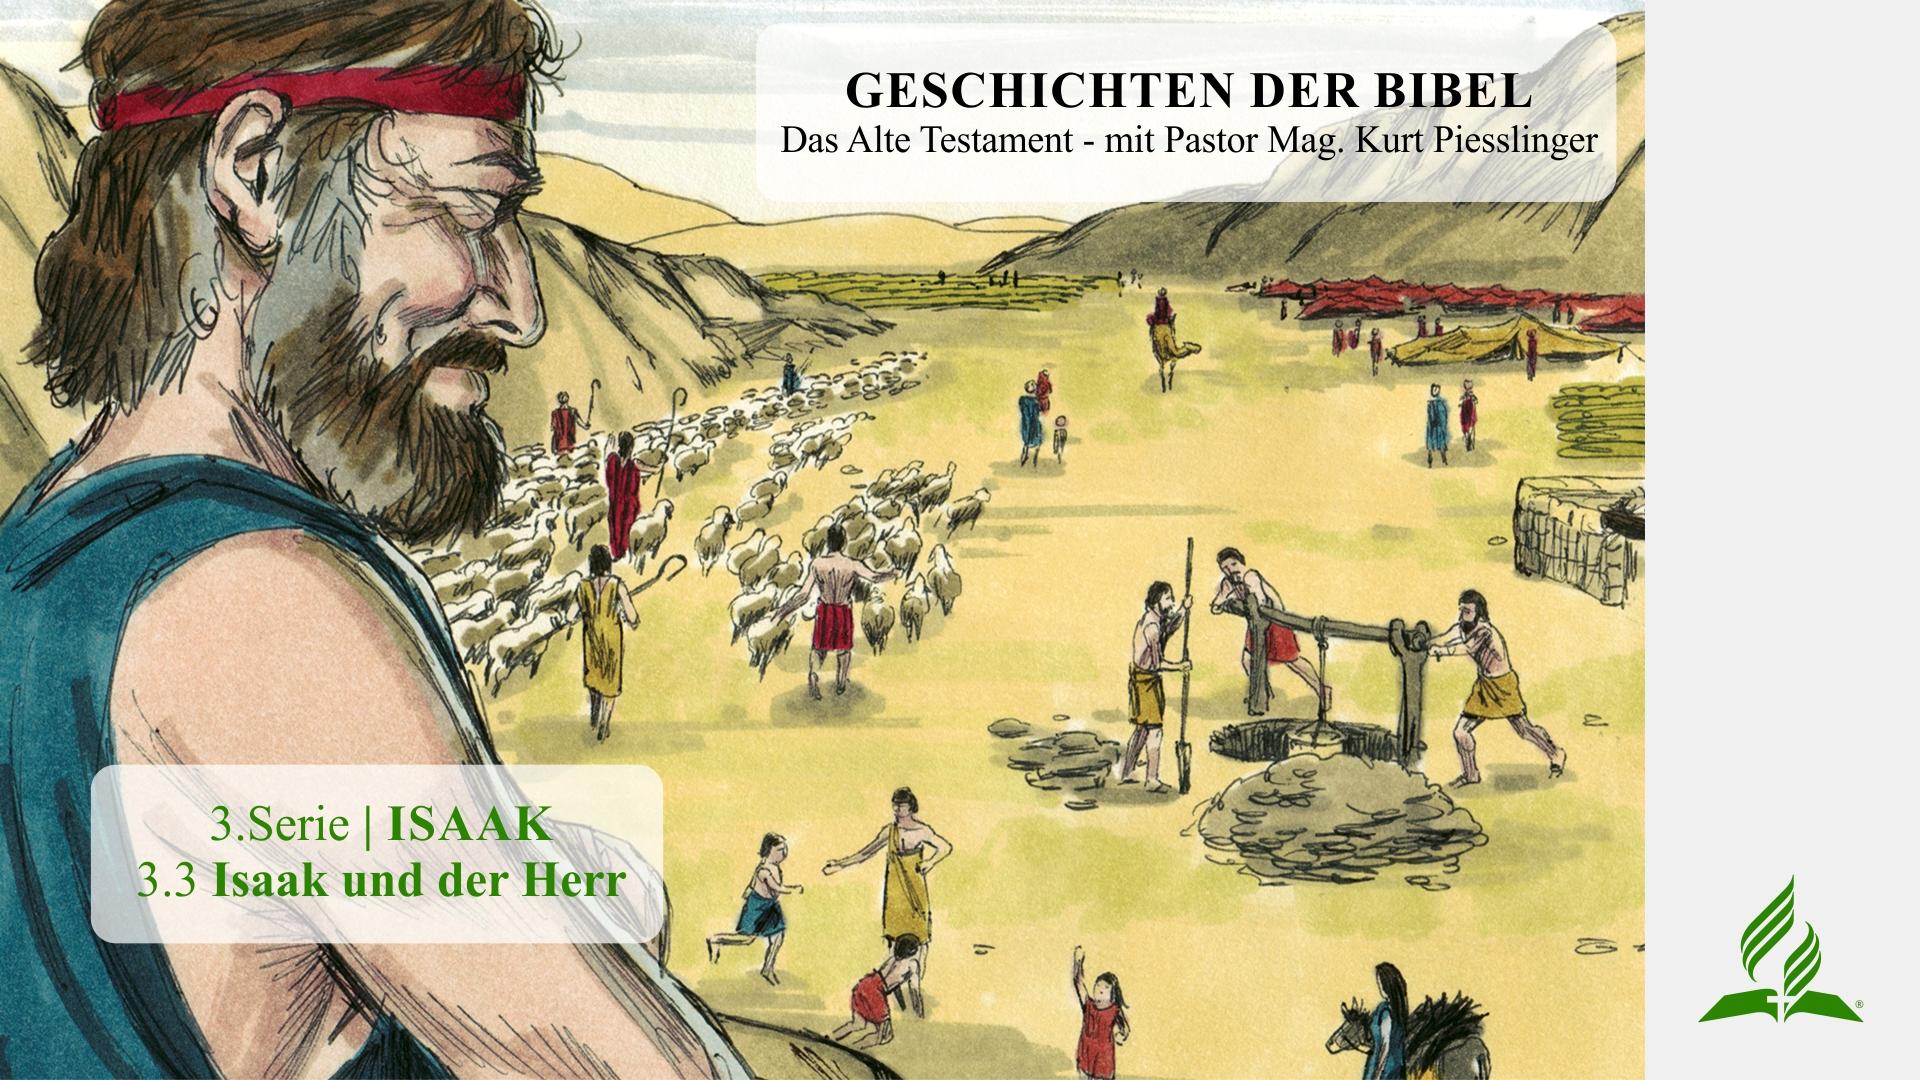 3.3 Isaak und der Herr x